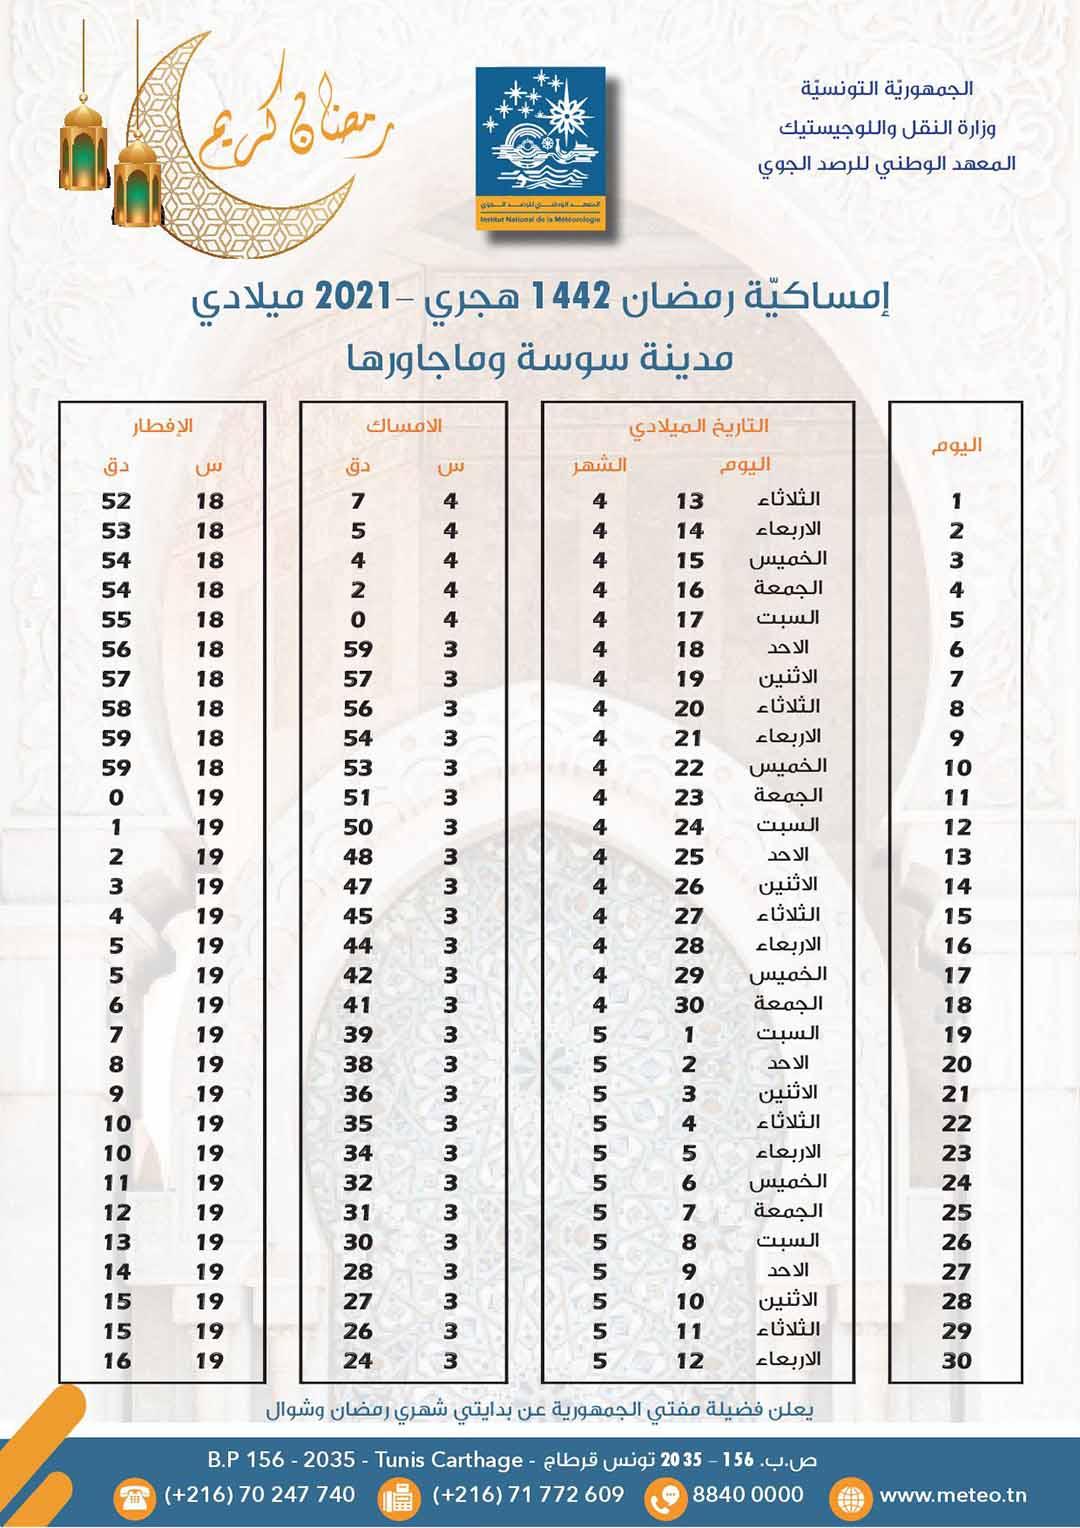 مواعيد الافطار و السحور في ولاية سوسة رمضان 2021 1 - هام: مواعيد الافطار والامساك لشهر رمضان حسب الولايات..